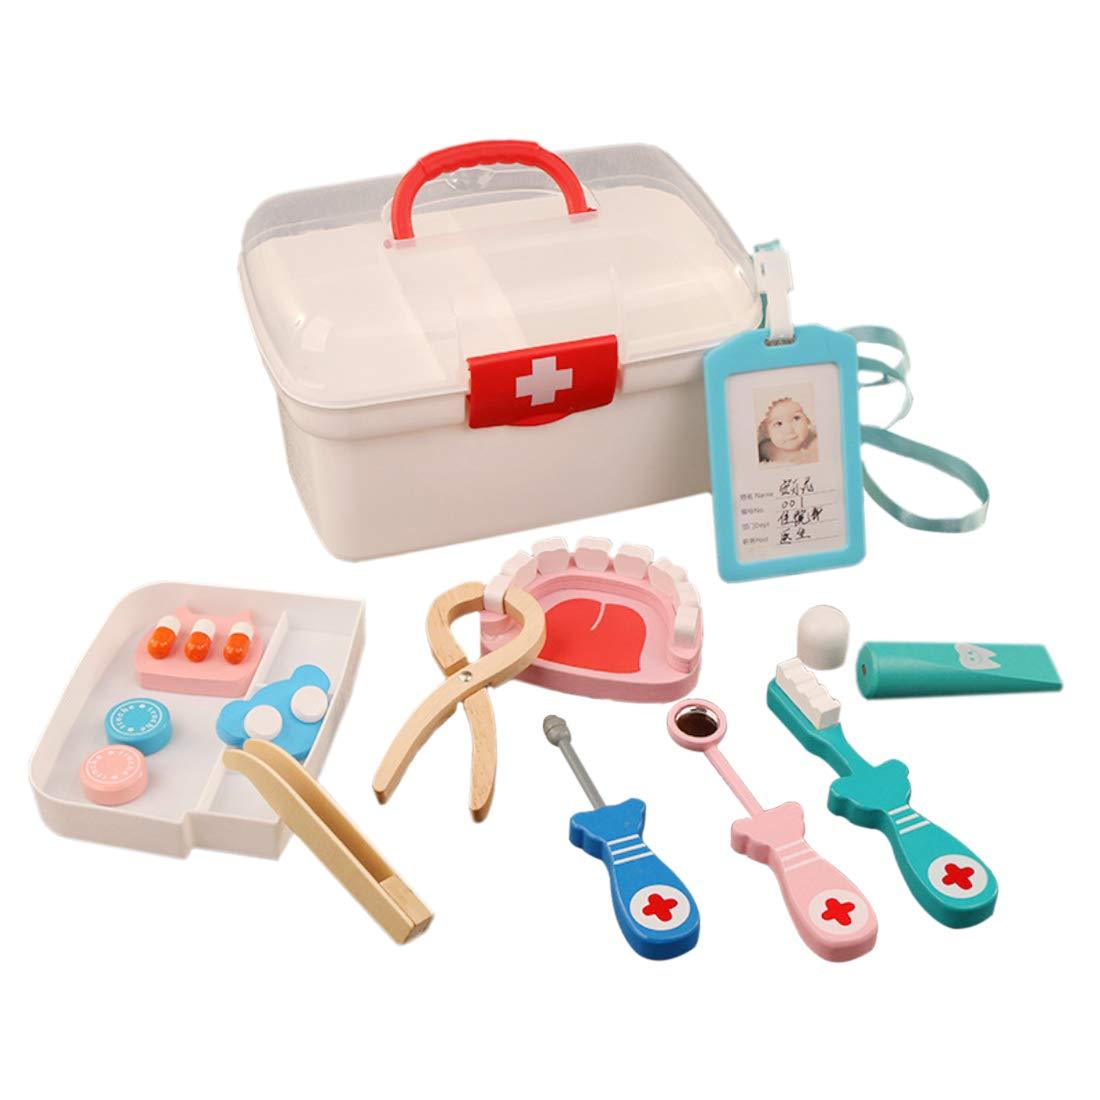 Riva776Yale 13 Stück Zahnarzt Arzt Medizinisches Spielzeug,Kinder Holz Medizinische Kit Simulation Medizin Set Doktor Spielset für Mädchen und Jungen - Rot